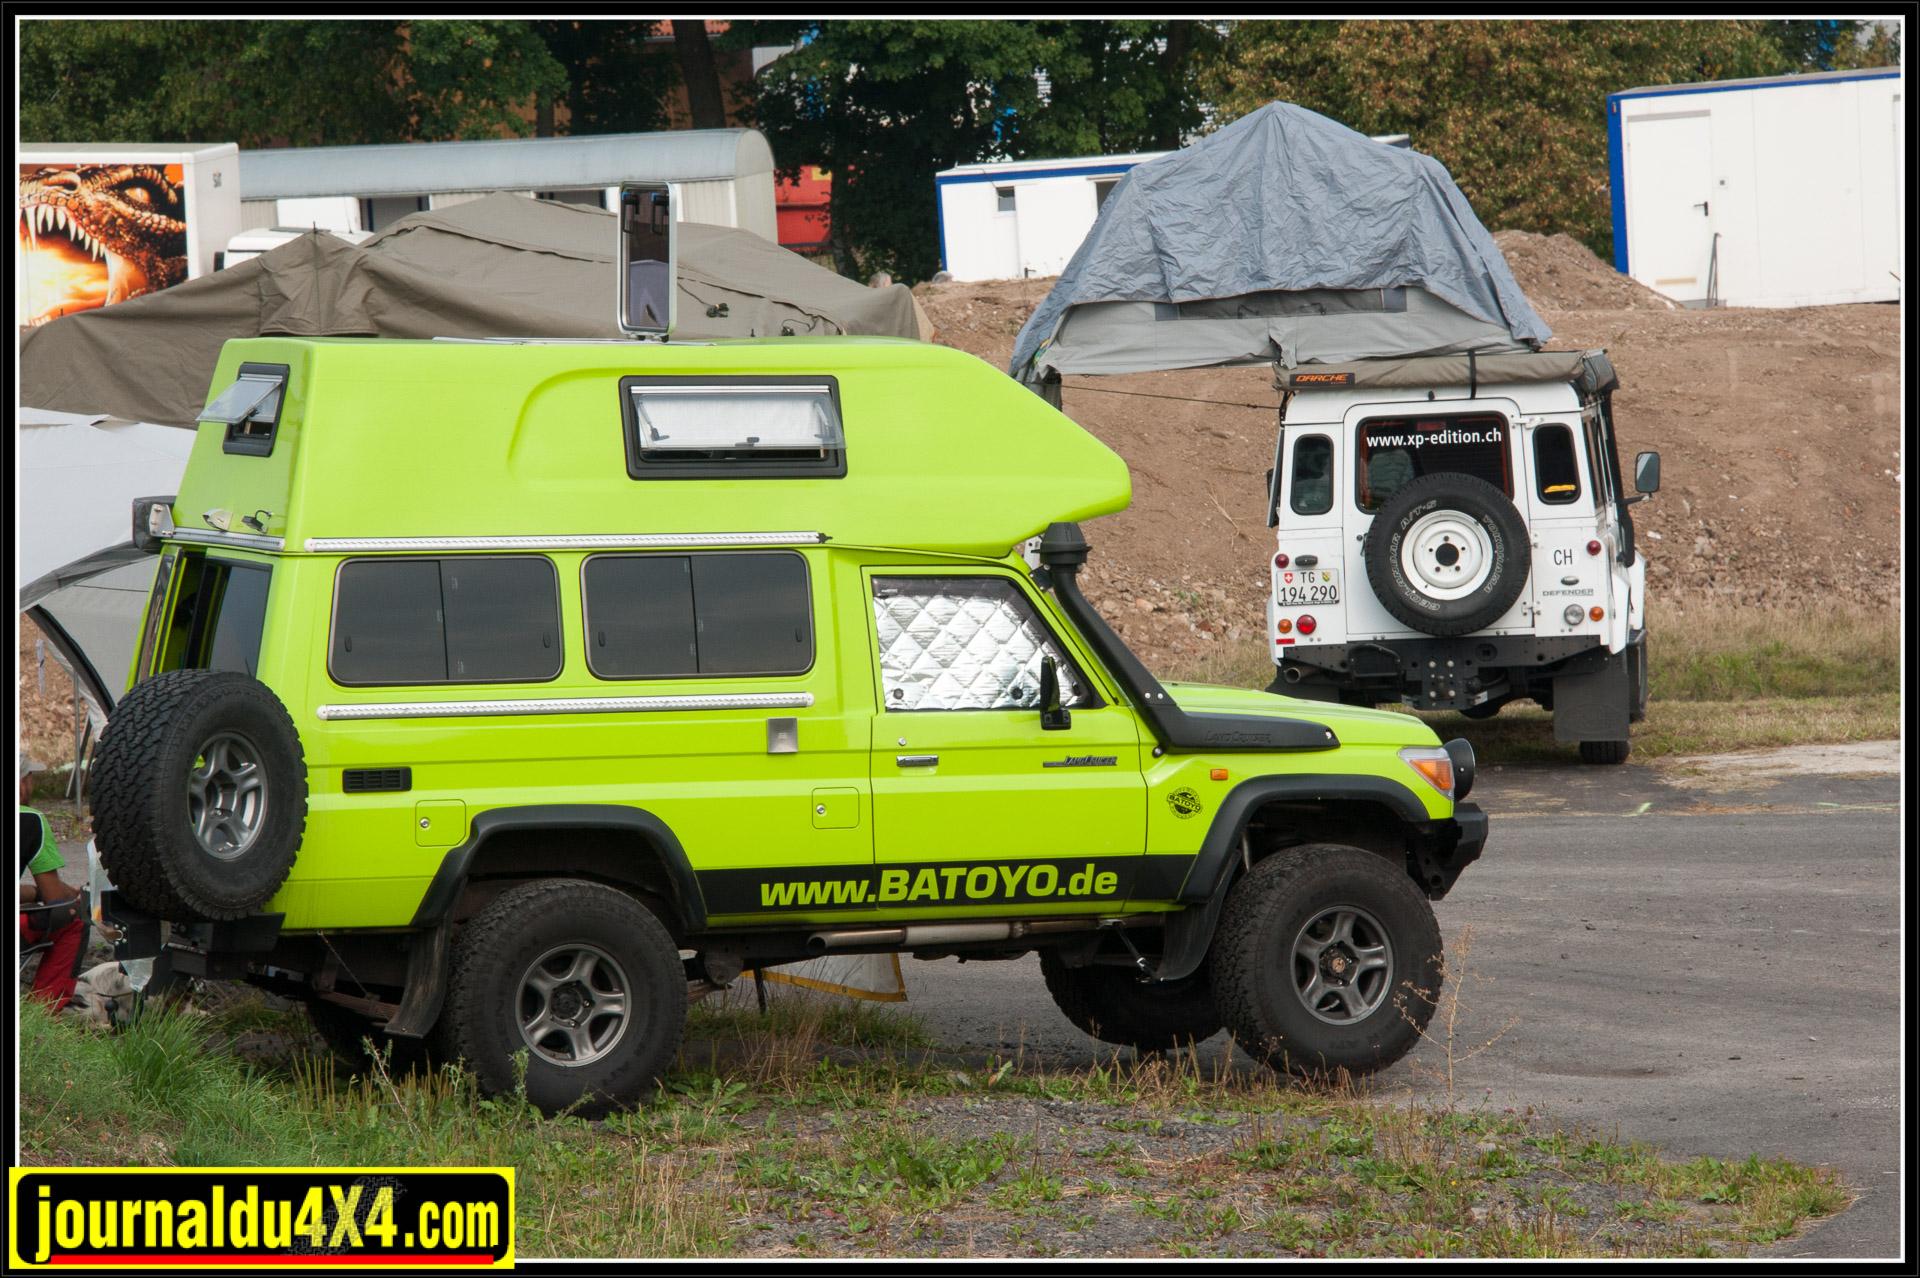 Batoyo, qui propose des équipements et des voyages avec un véhicule qu'il est impossible de manquer